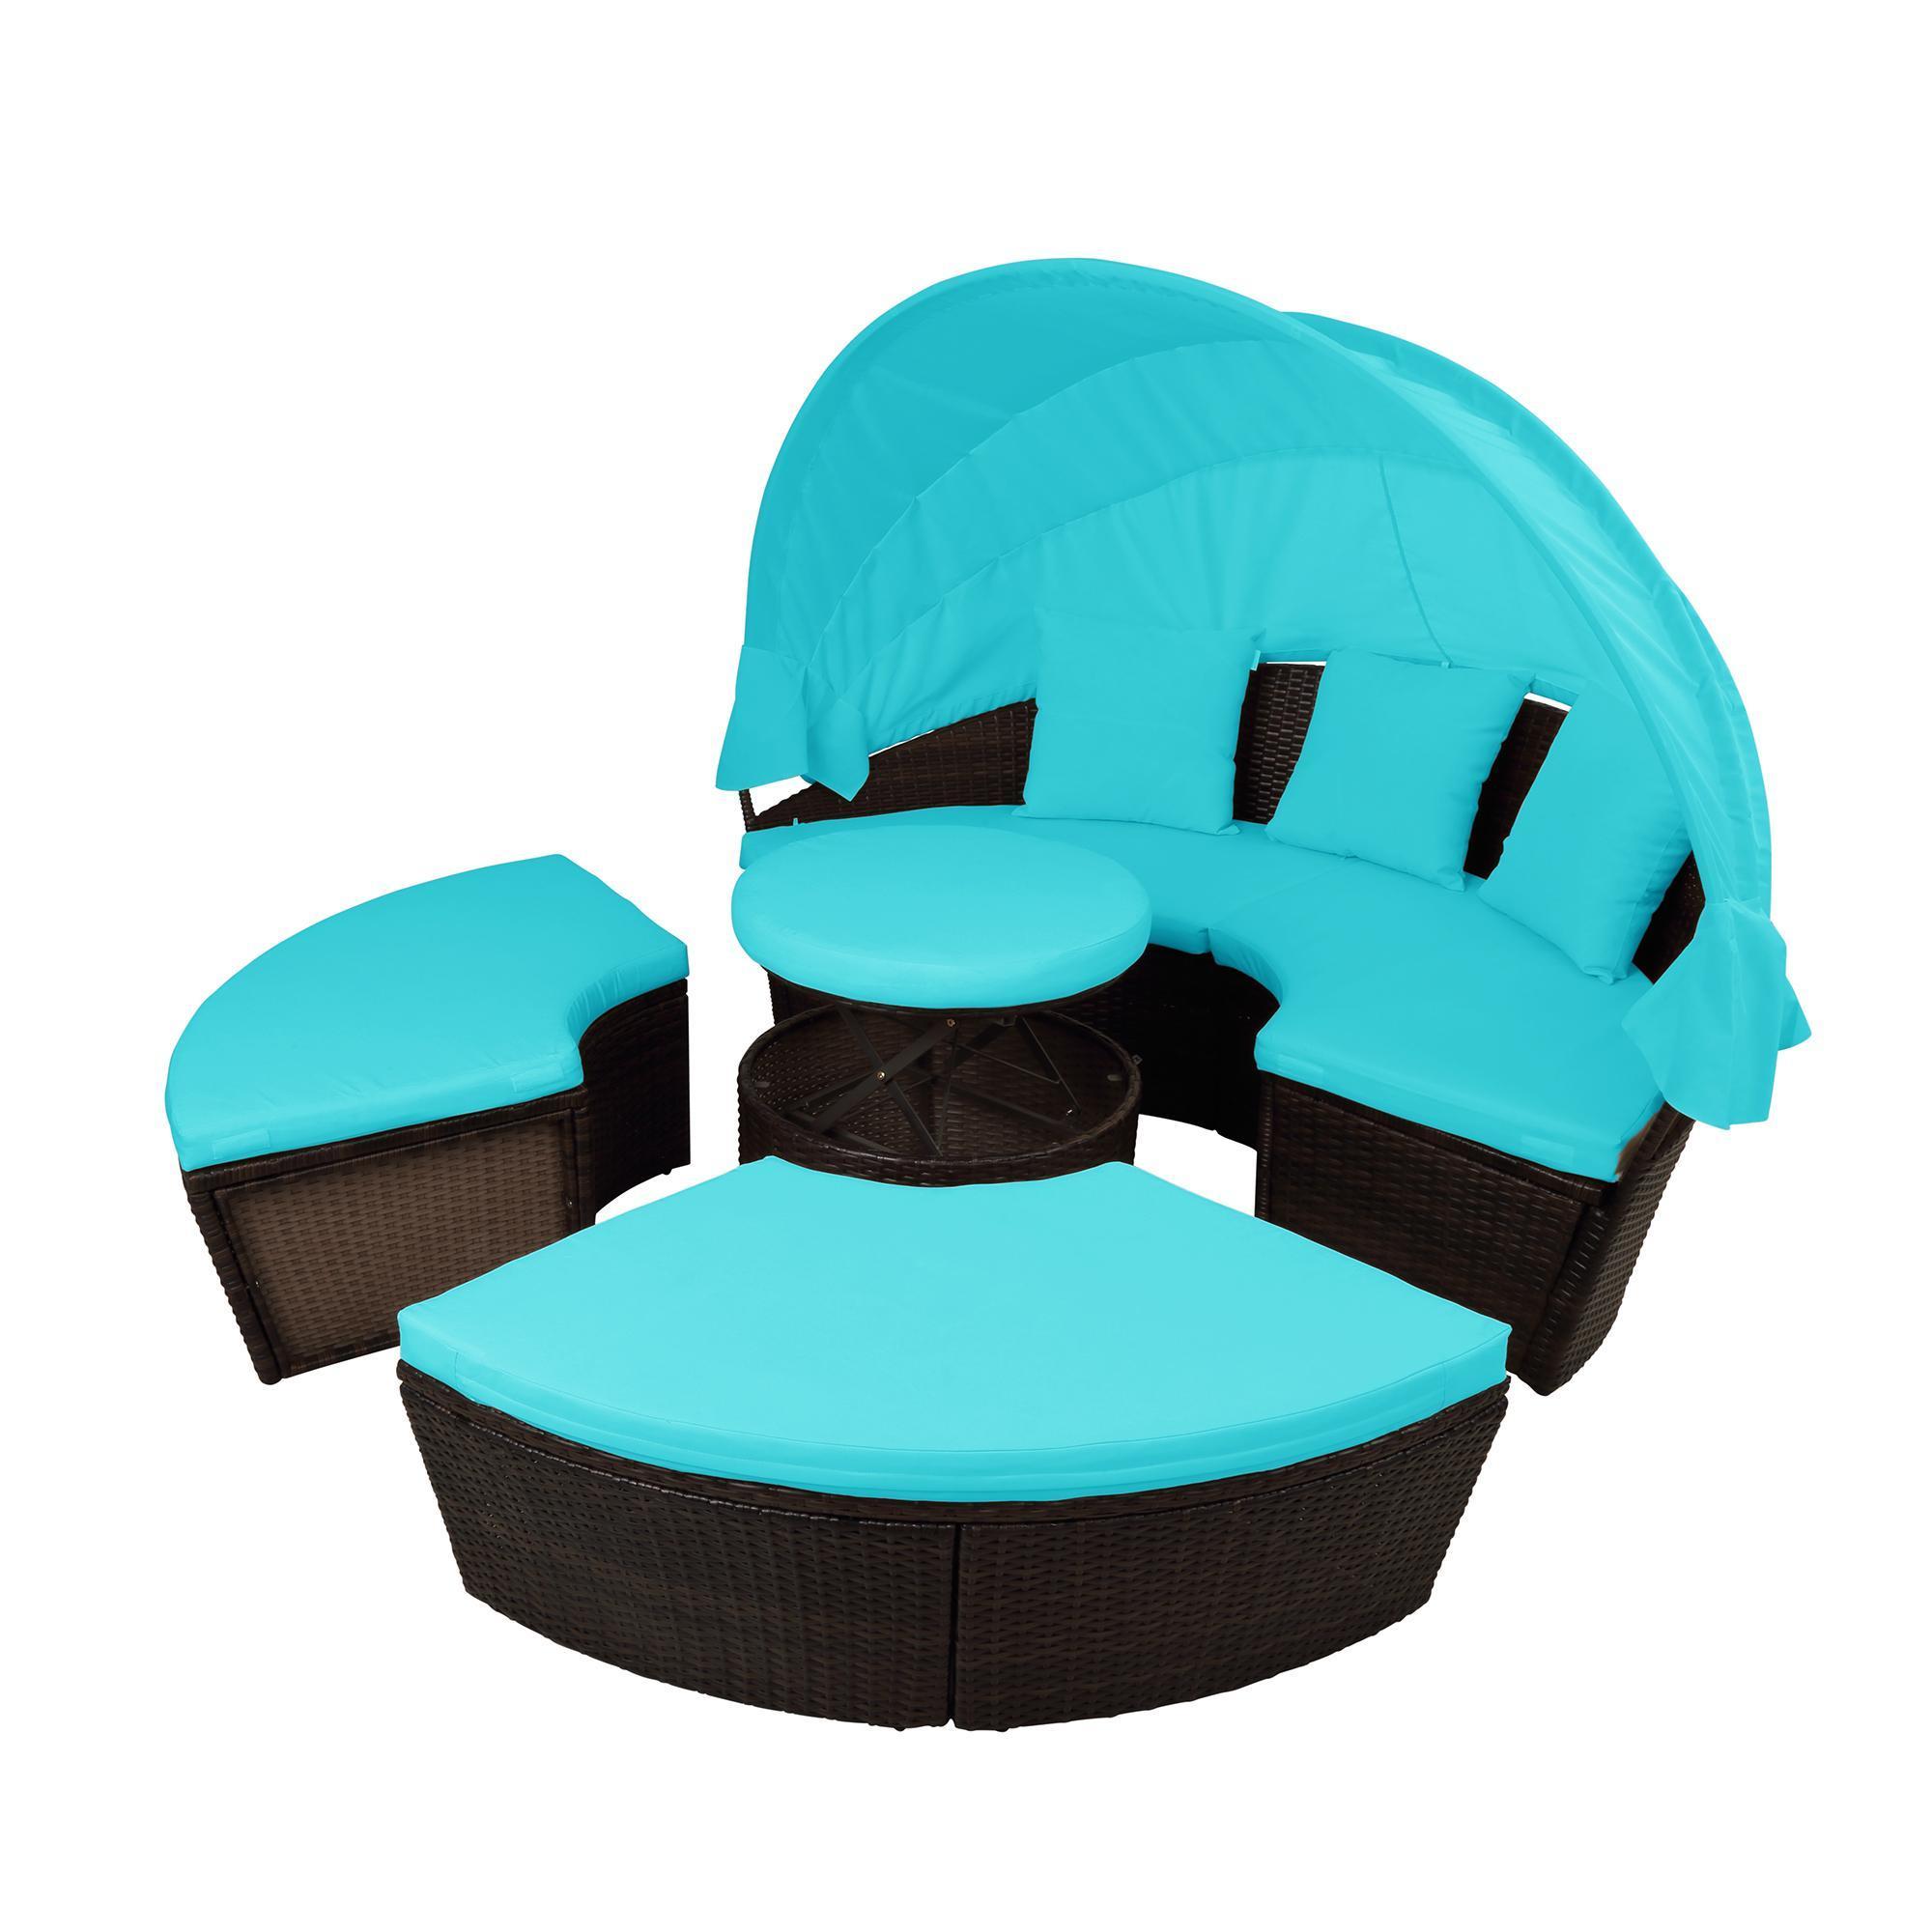 США STOCK Патио Мебель Круглый Открытый Секционные диван Ротанг Daybed солярия с выдвижным Навес Высота Adjust SH000086AAC